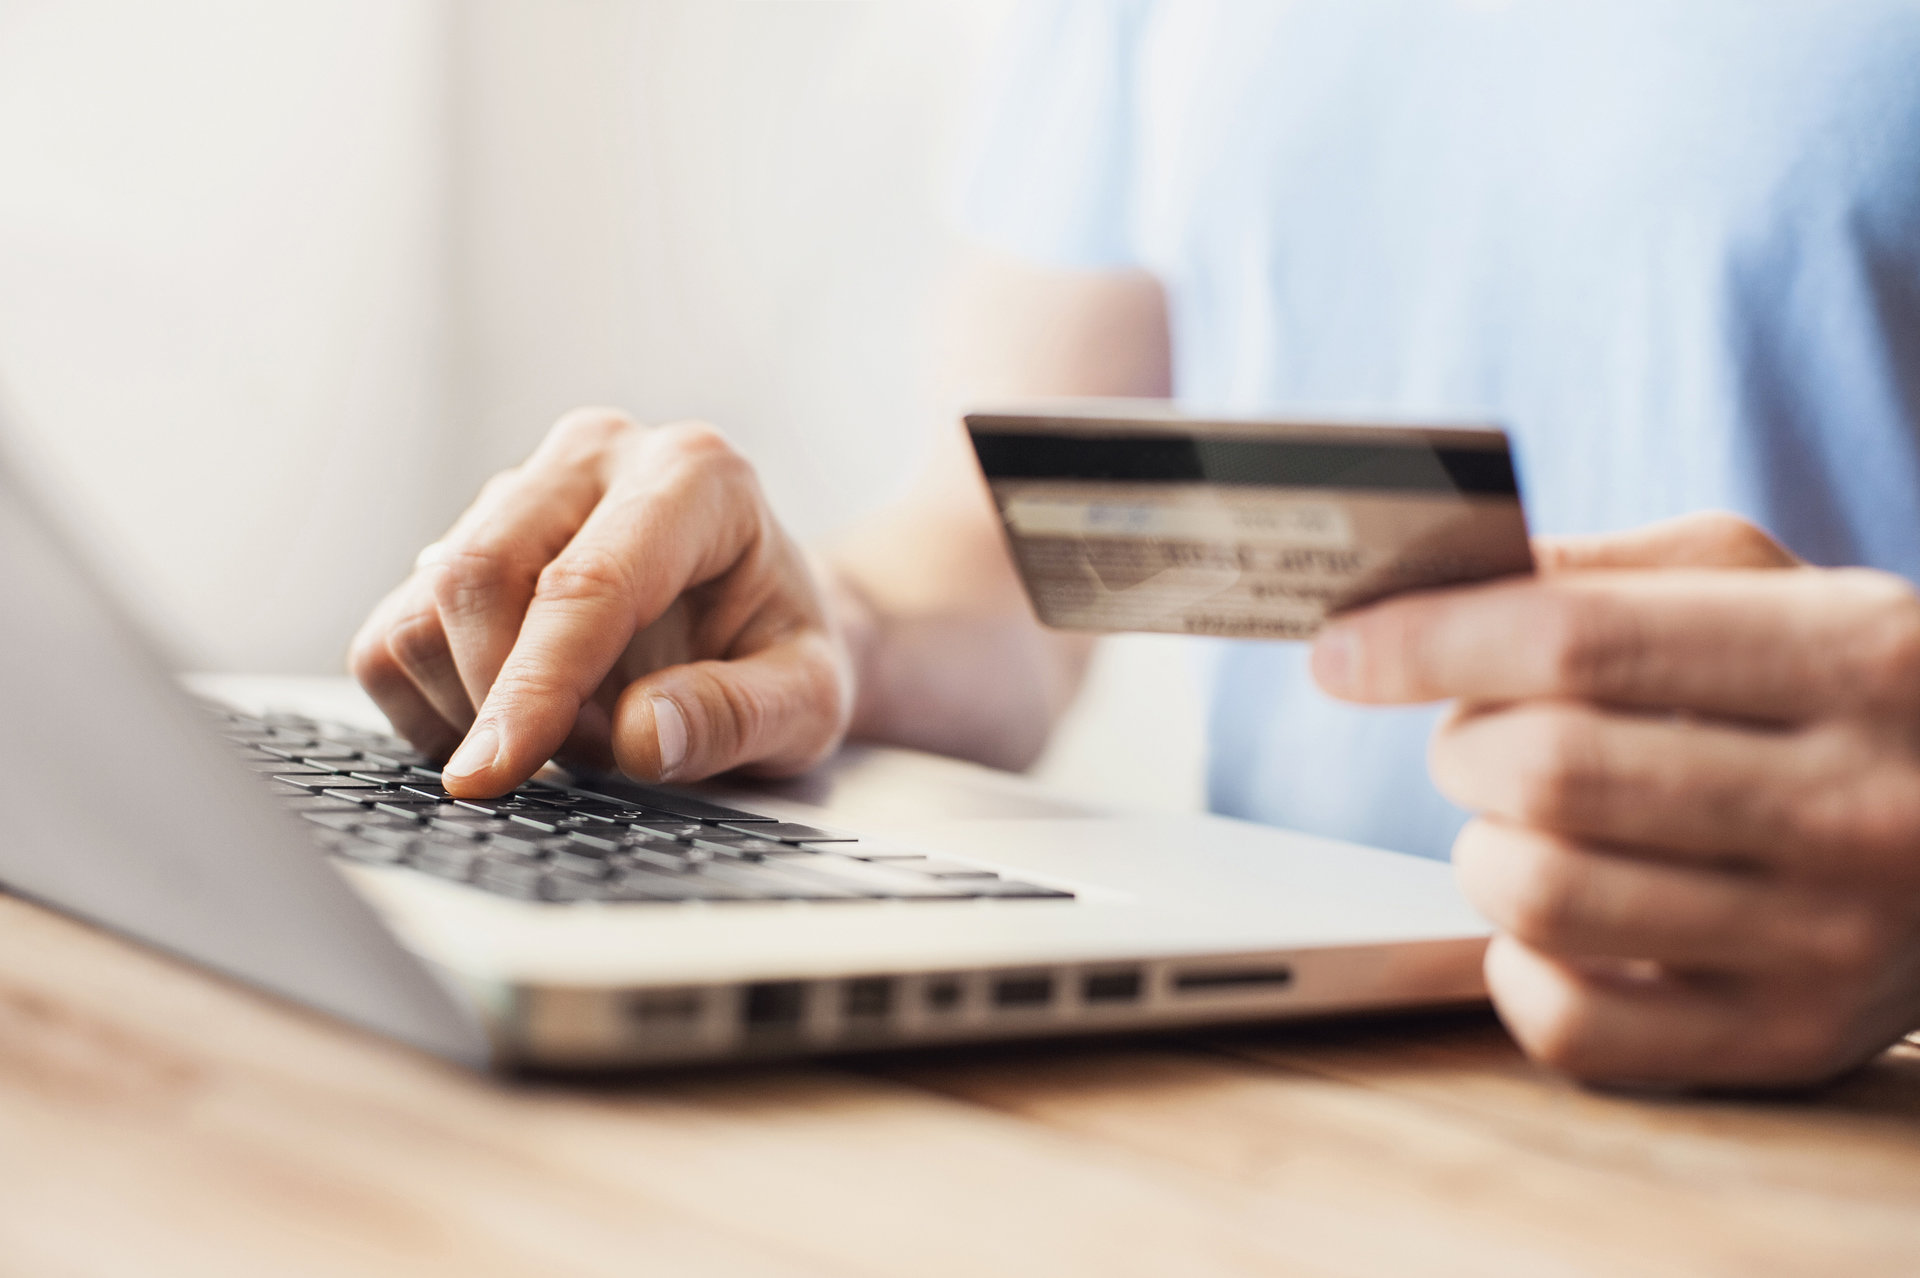 Kupujesz w sieci? Poznaj złote zasady bezpiecznych płatności online